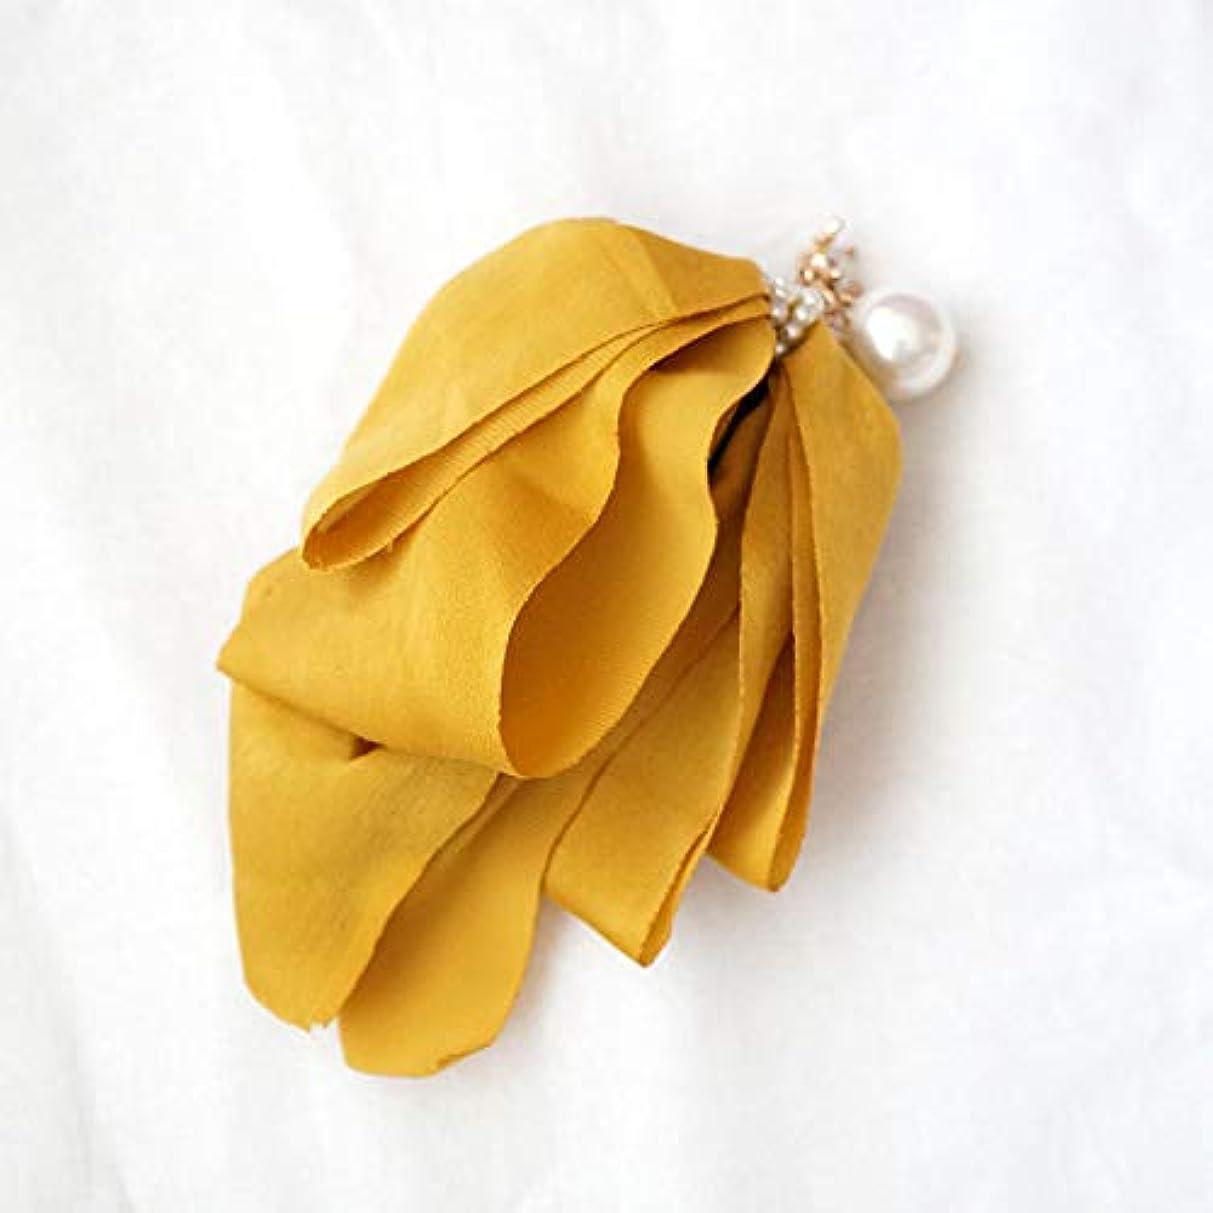 魅了する投獄暗殺HuaQingPiJu-JP ファッションロゼットヘアピン便利なヘアクリップ女性の結婚式のアクセサリー(イエロー)